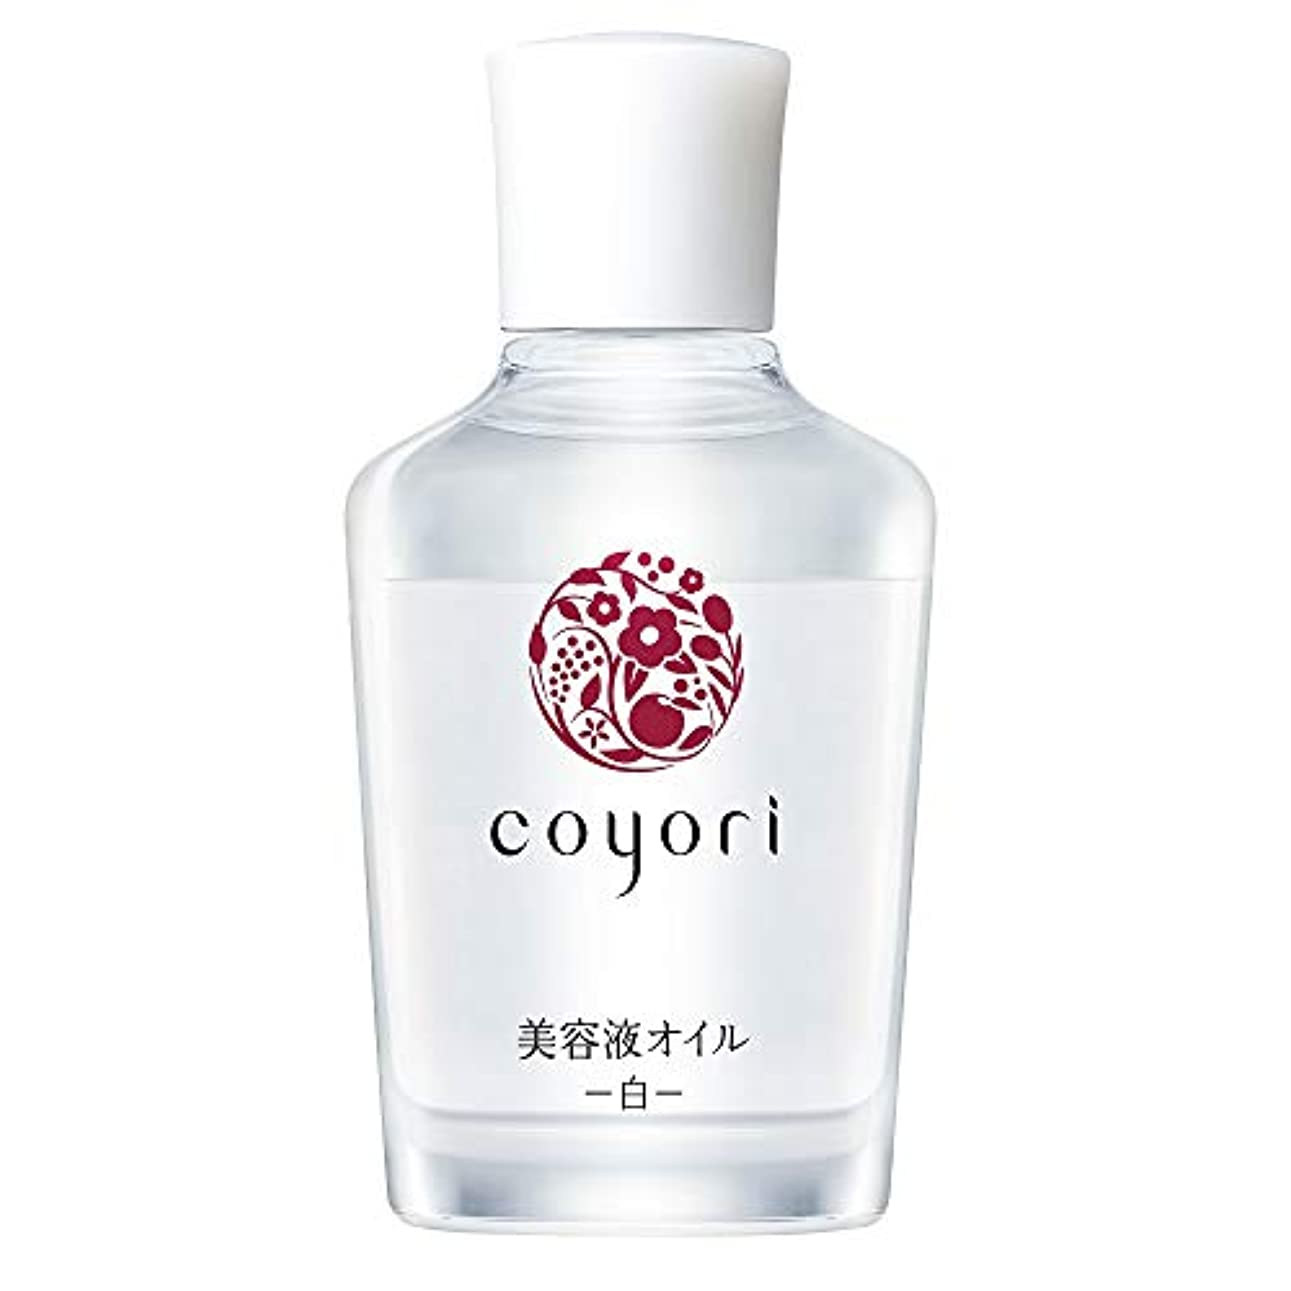 しないでください降伏代替案[公式] コヨリ 美容液オイル-白- 40mL 大容量 無添加[高機能 自然派 エイジングケア 乾燥肌 敏感肌 くすみ 乾燥 小じわ 対策用 もっちり ハリ ツヤ フェイスオイル ]